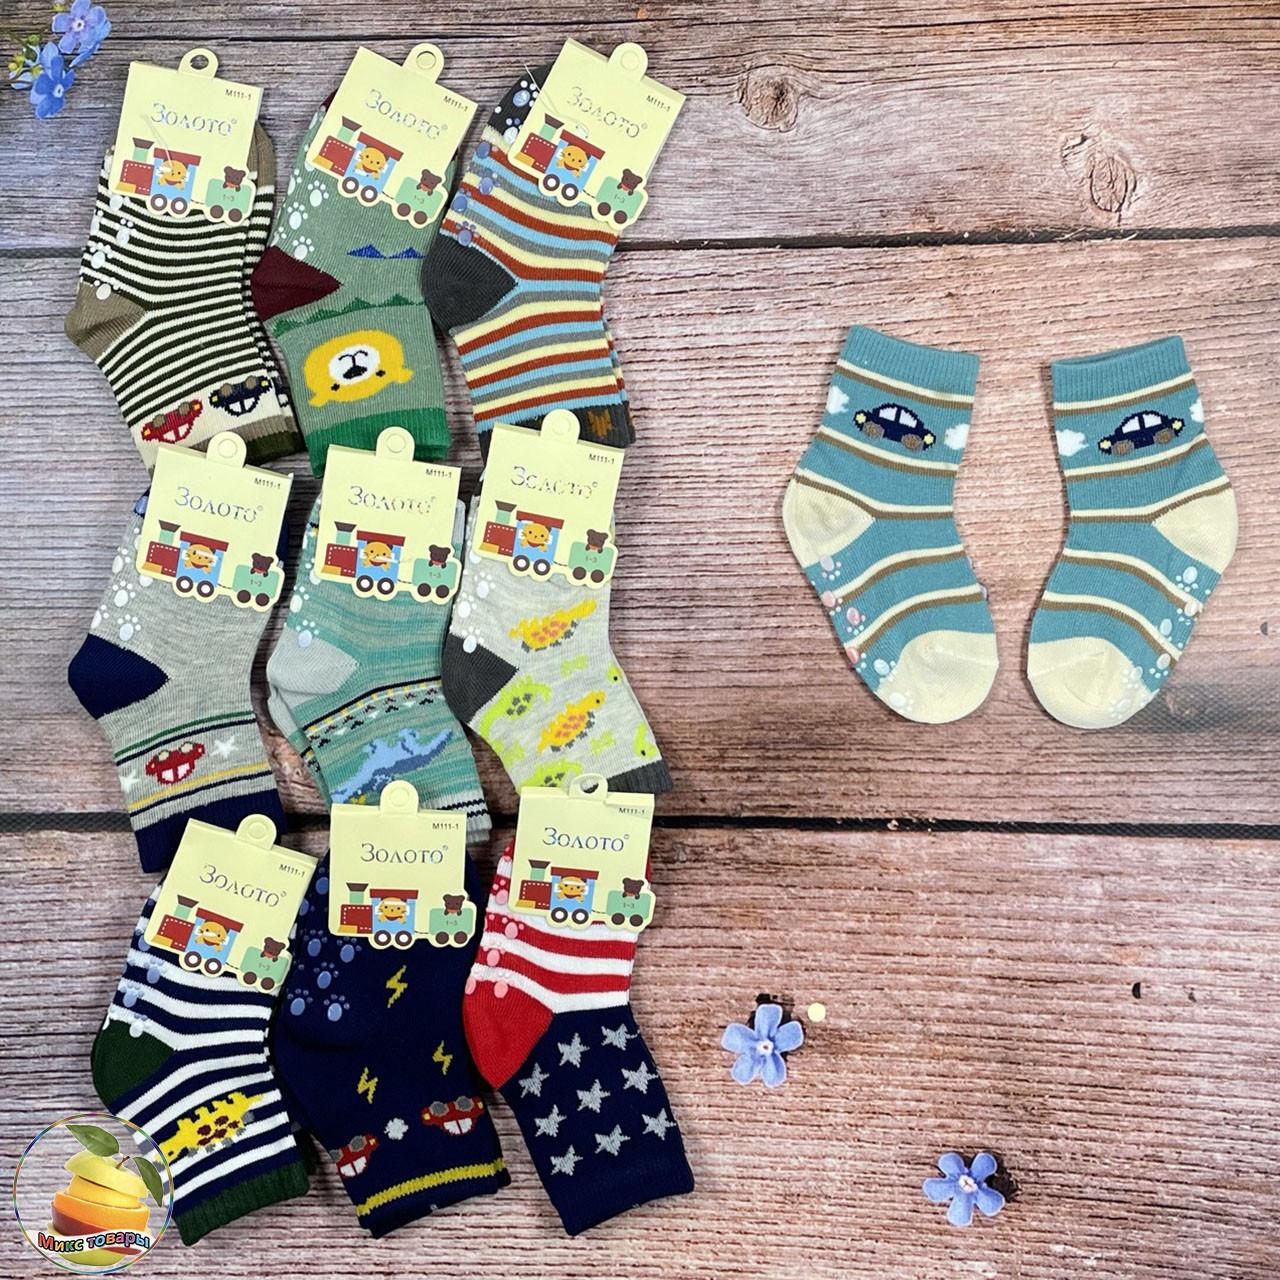 Дитячі шкарпетки з гальмами для хлопчика Розмір: 1 - 3 роки (01562-1)